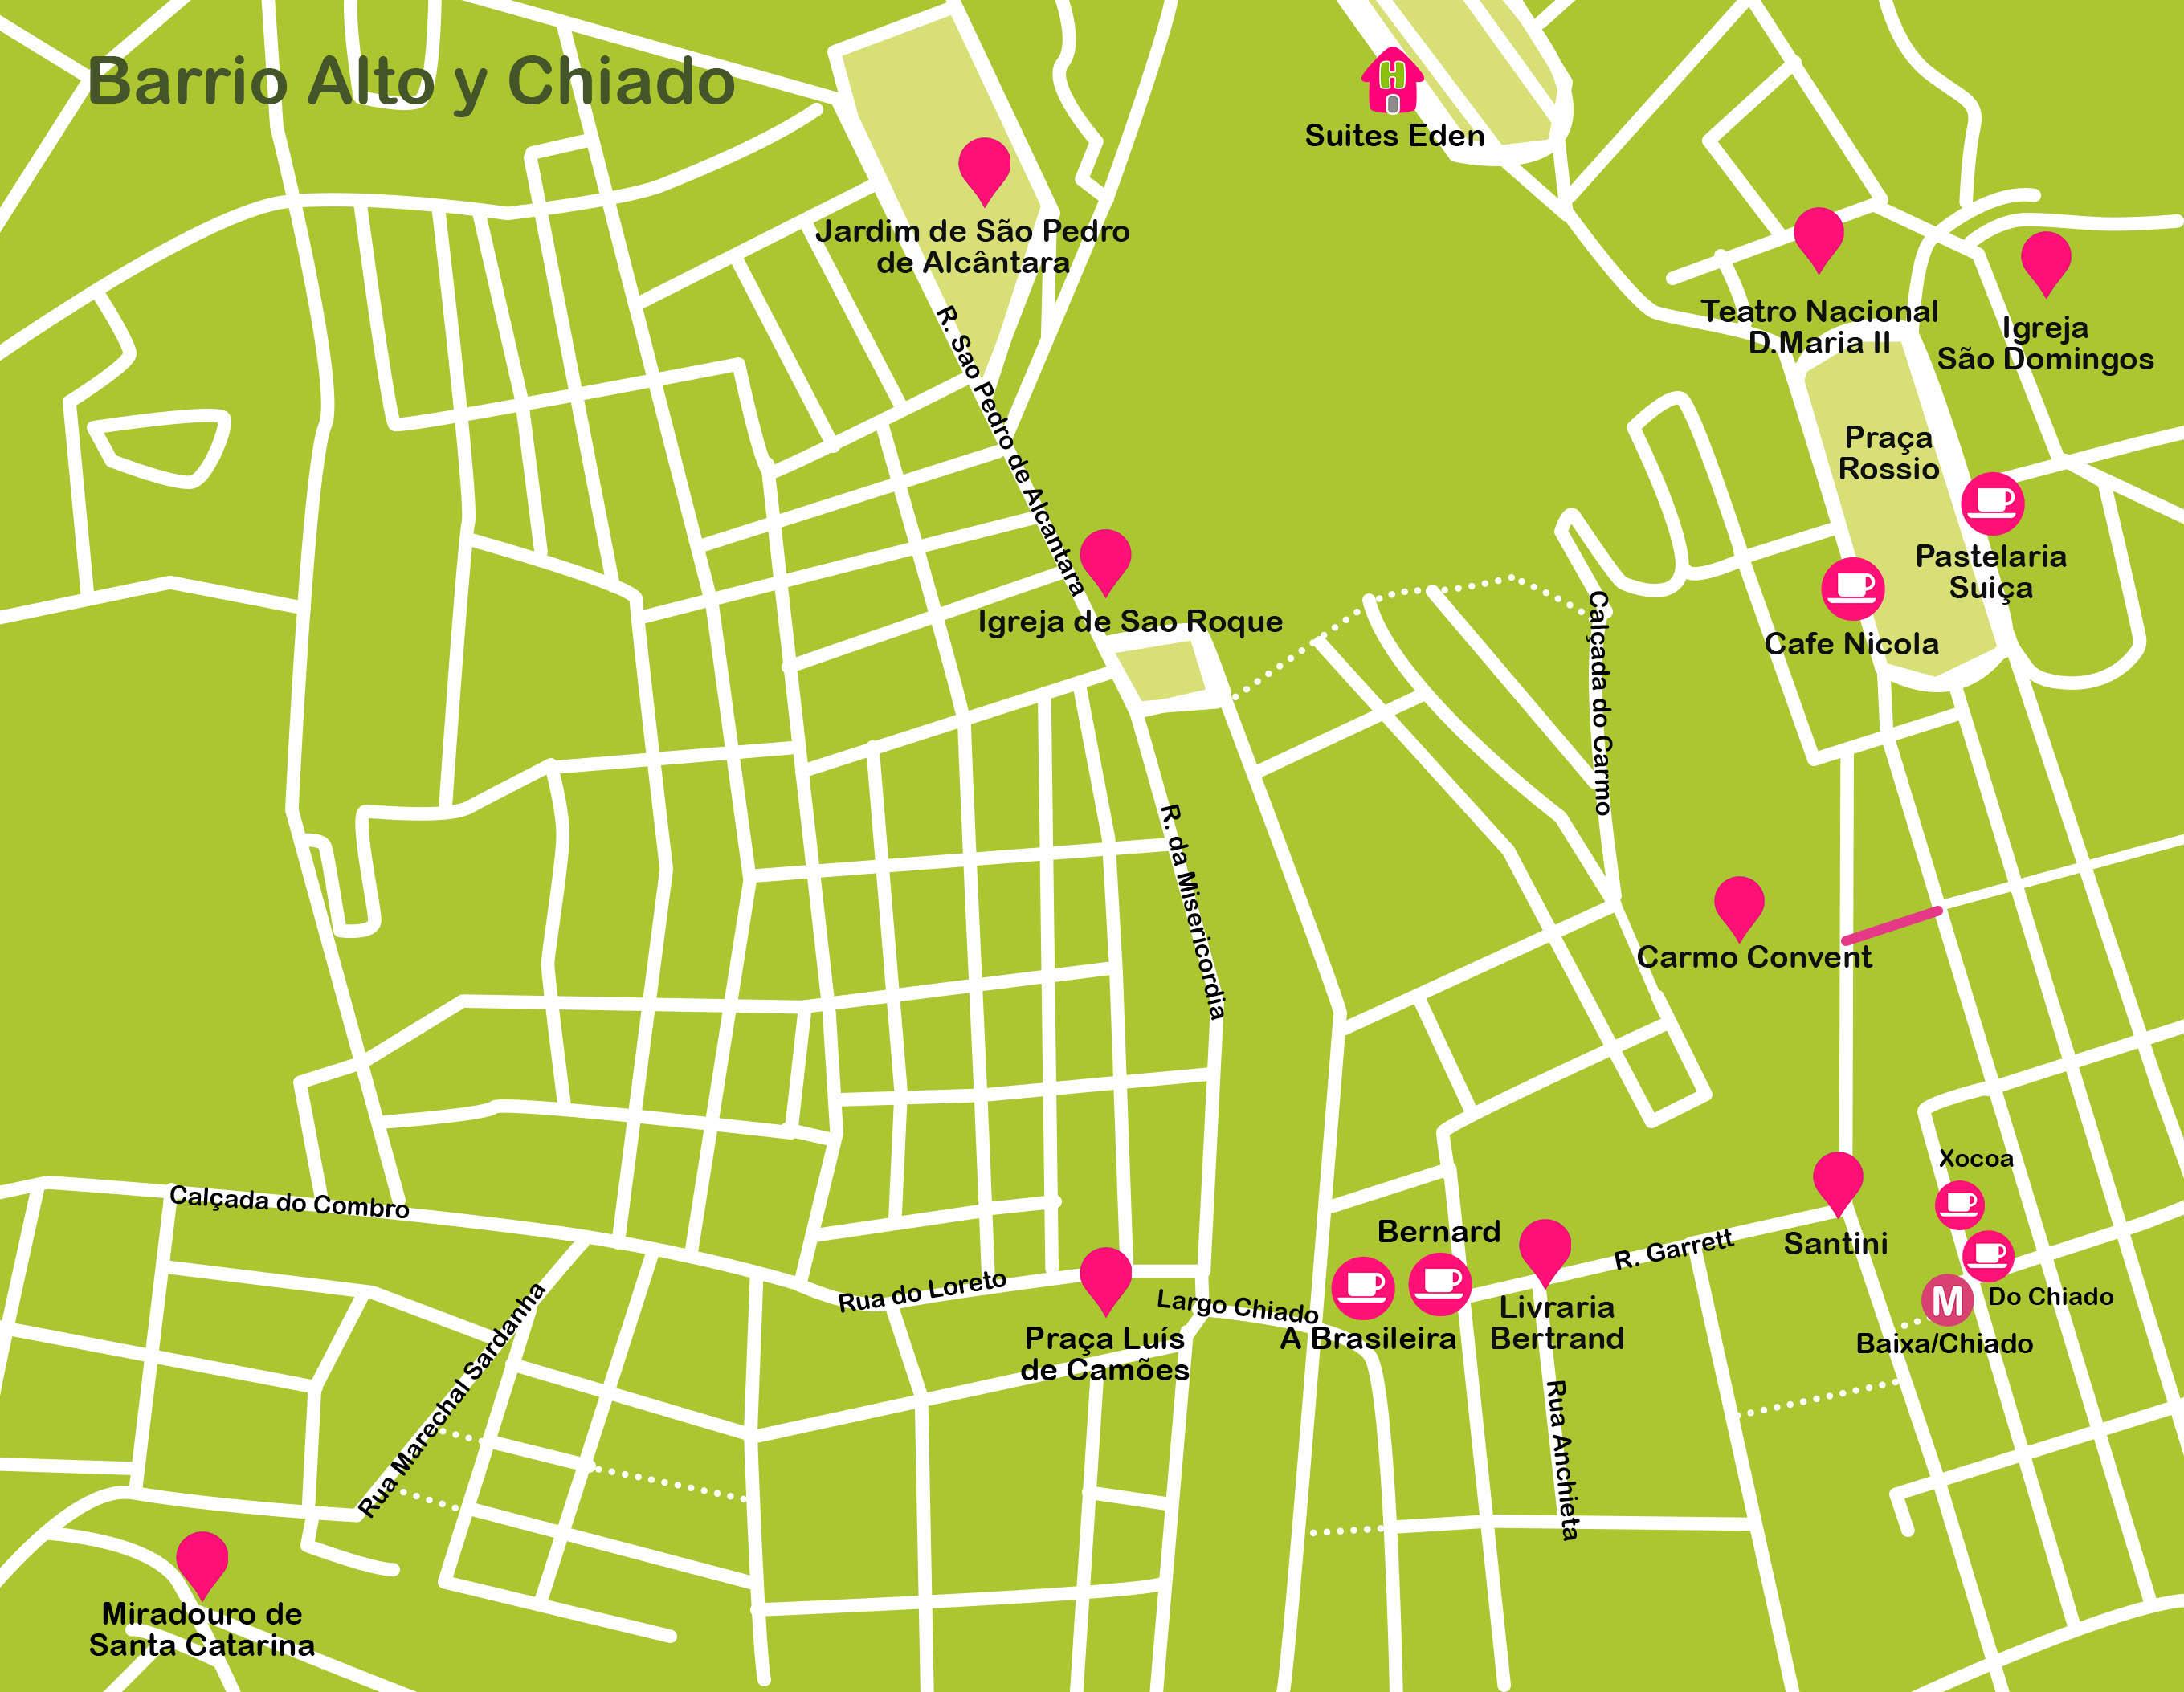 Mapa de Lisboa. Barrio Alto y Chiado